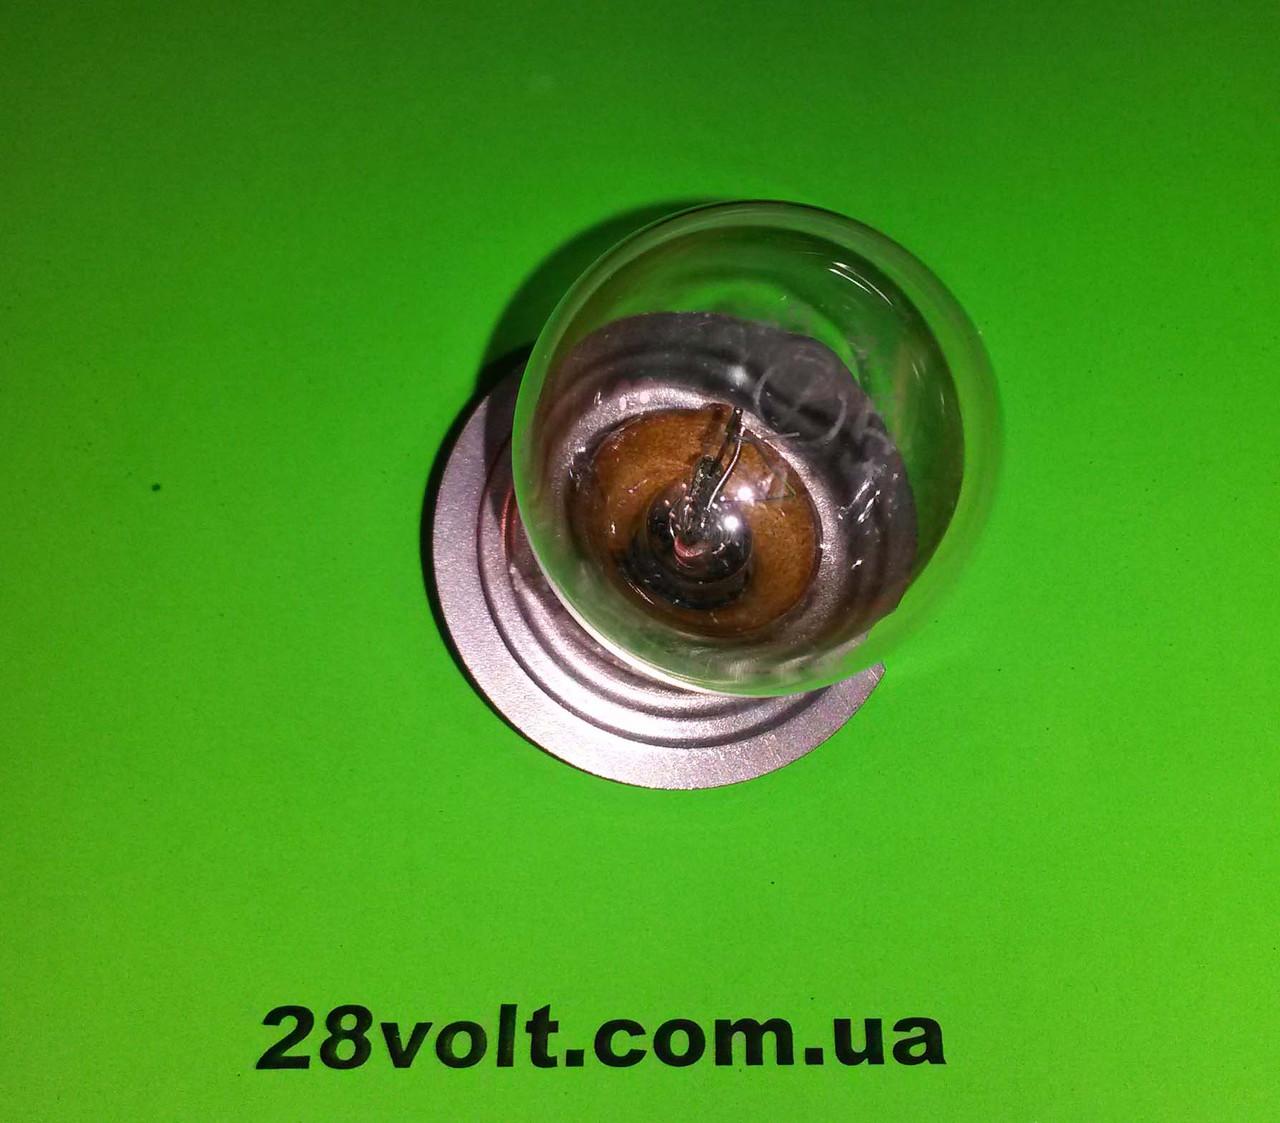 Лампа A28-40 P42s/11